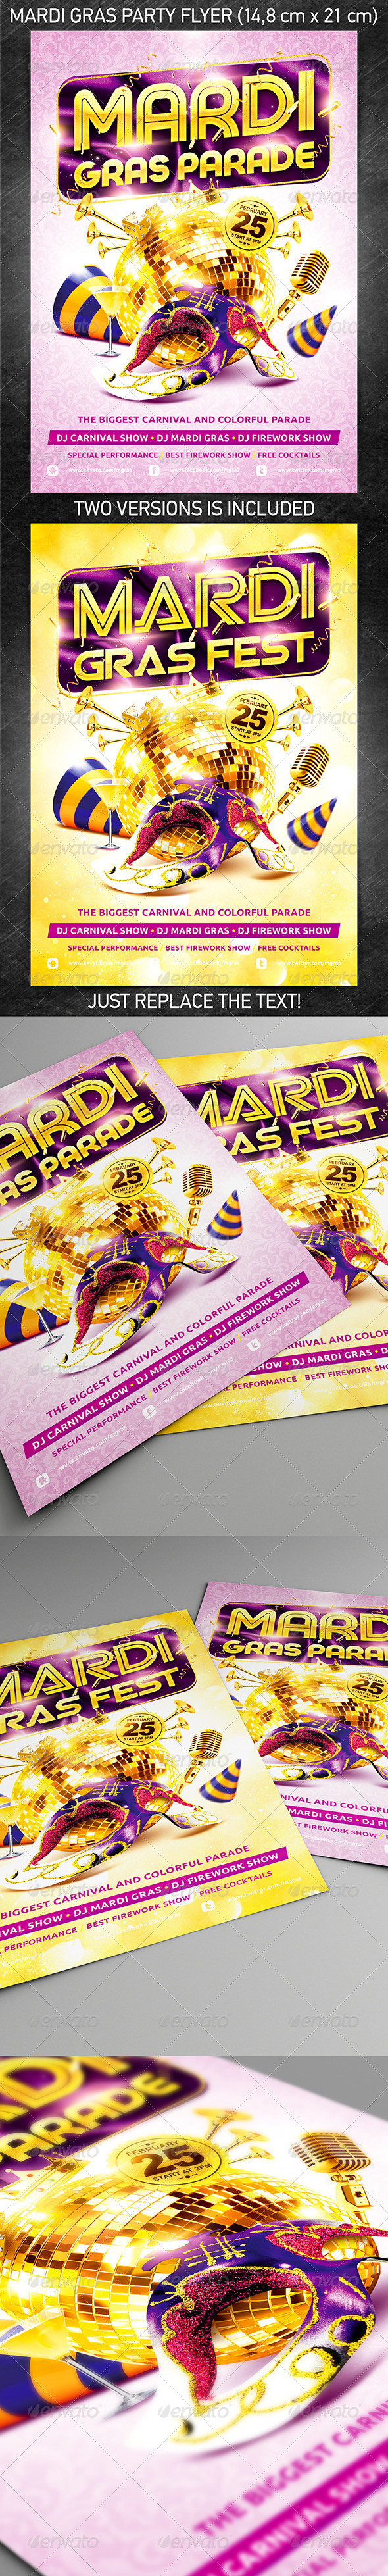 GraphicRiver Mardi Gras Party Flyer Vol.2 6557544